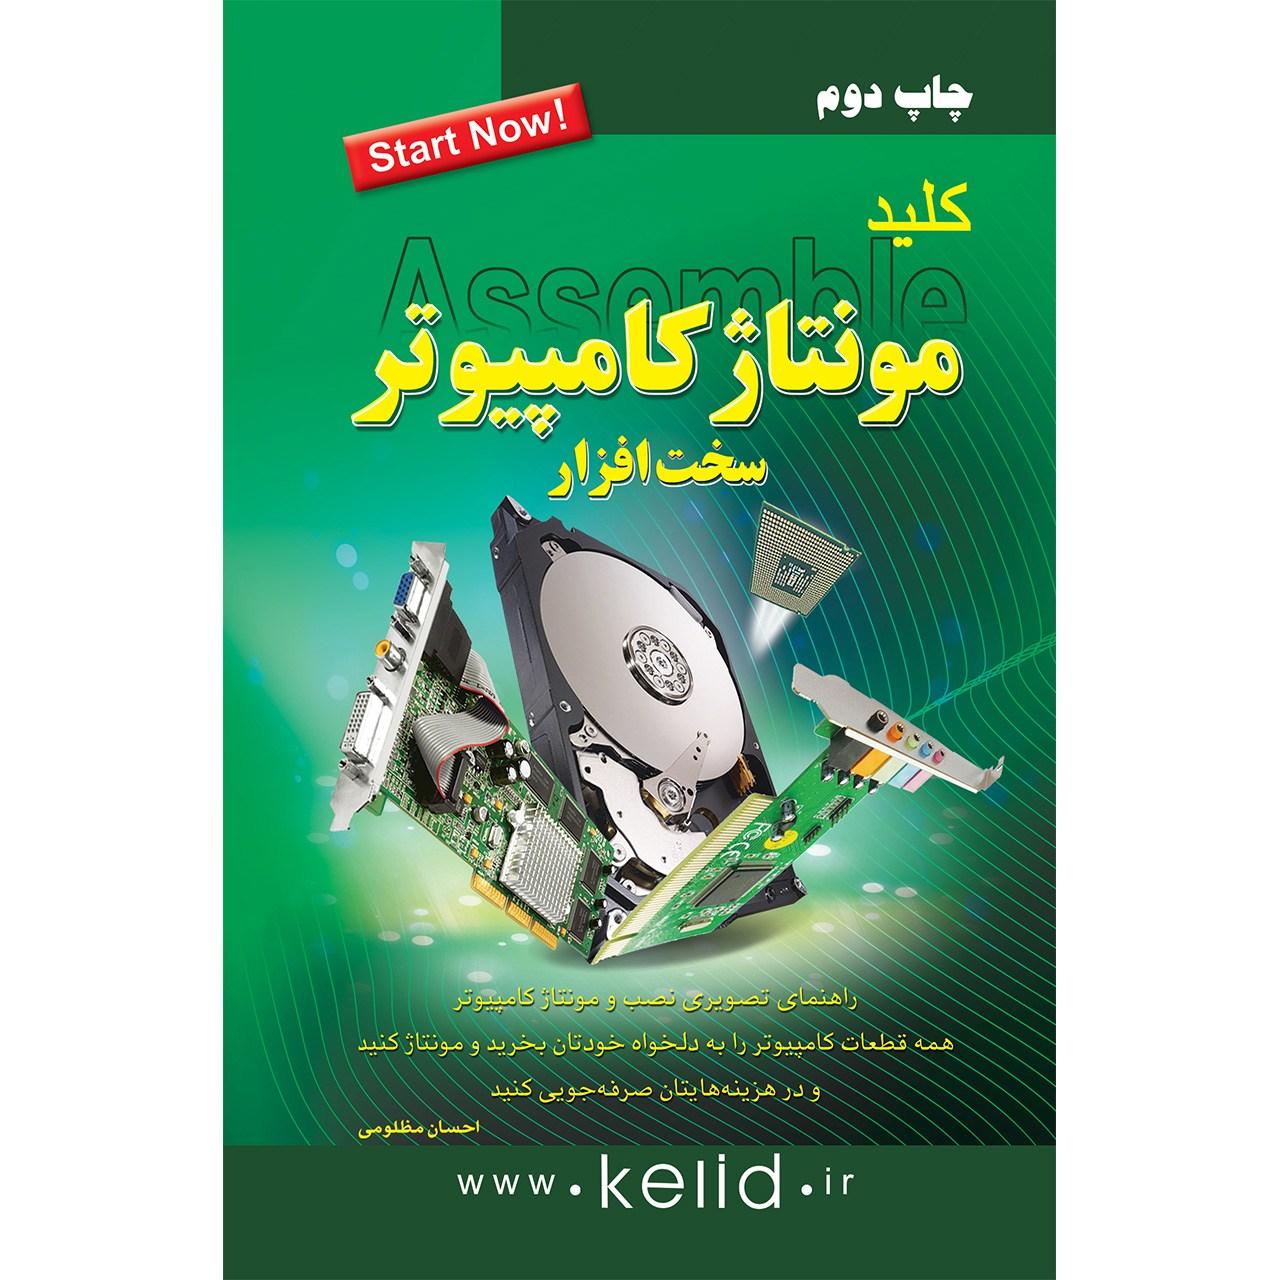 کتاب کلید مونتاژ سخت افزار کامپیوتر اثر احسان مظلومی